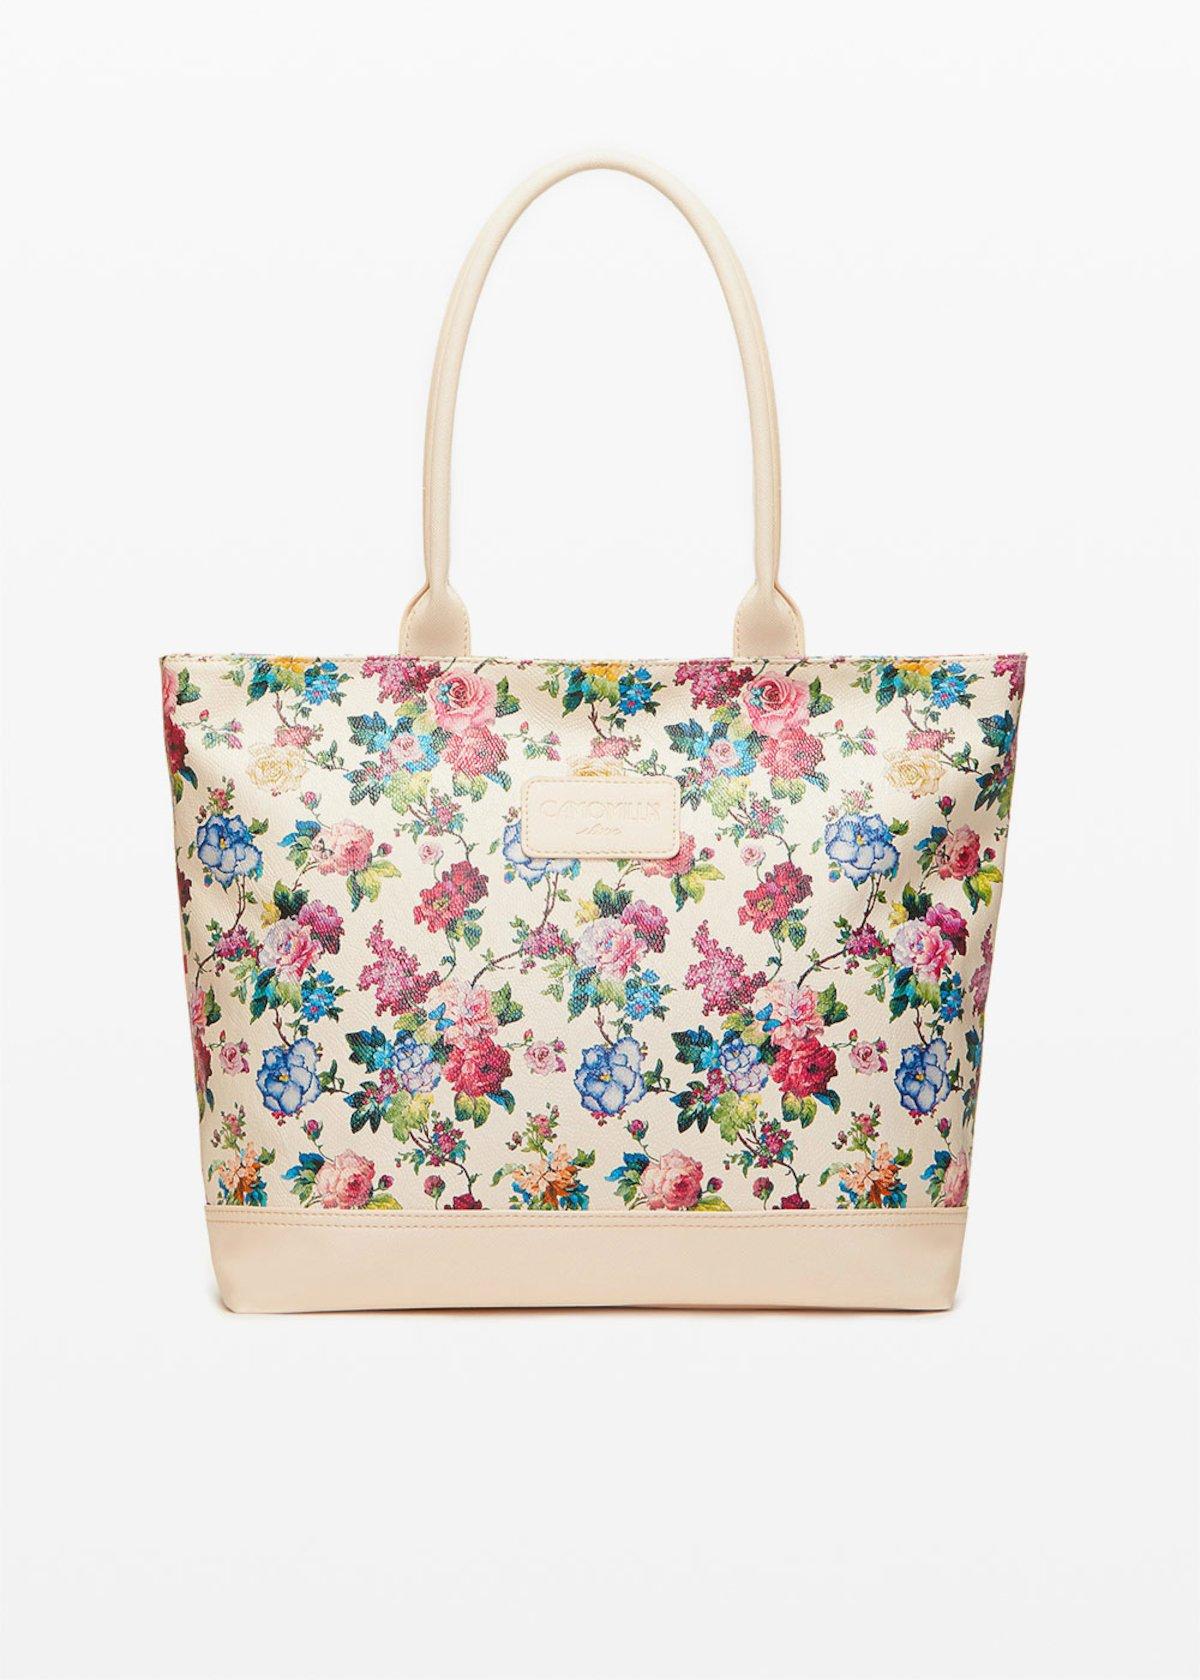 Trendflo3 Shopping bag - Oca Fantasia - Woman